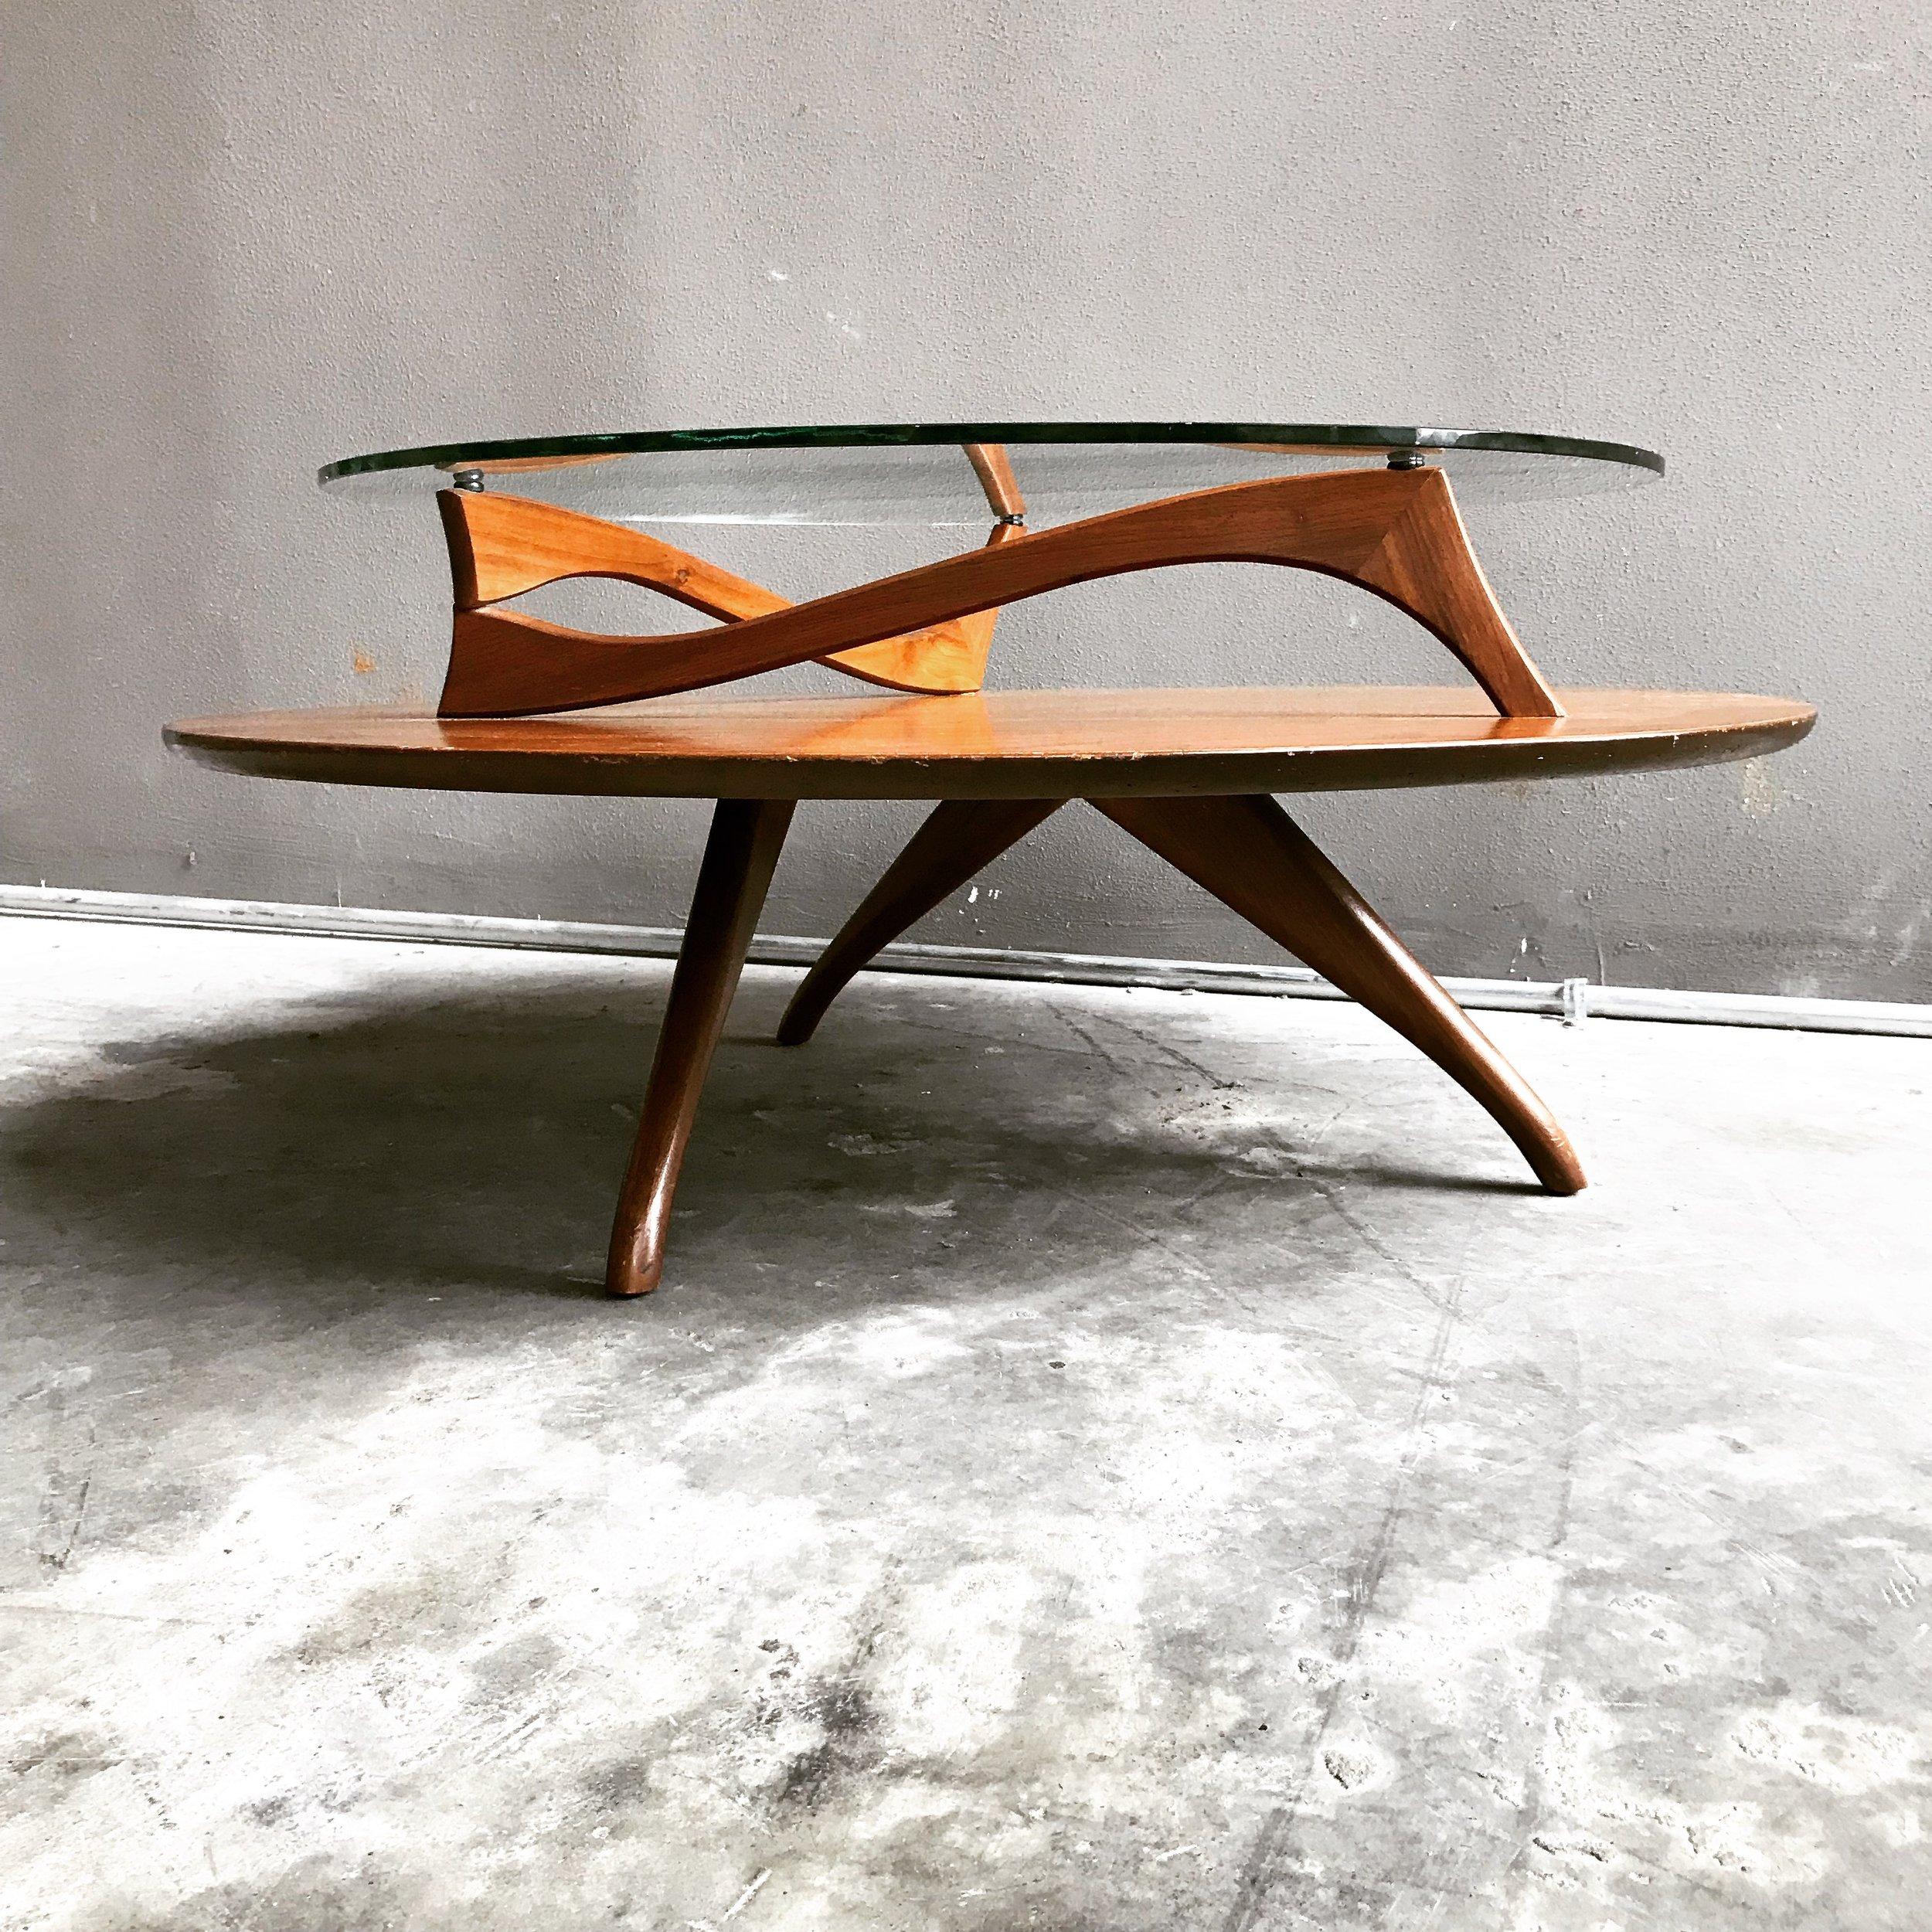 Desks, Tables, & Such